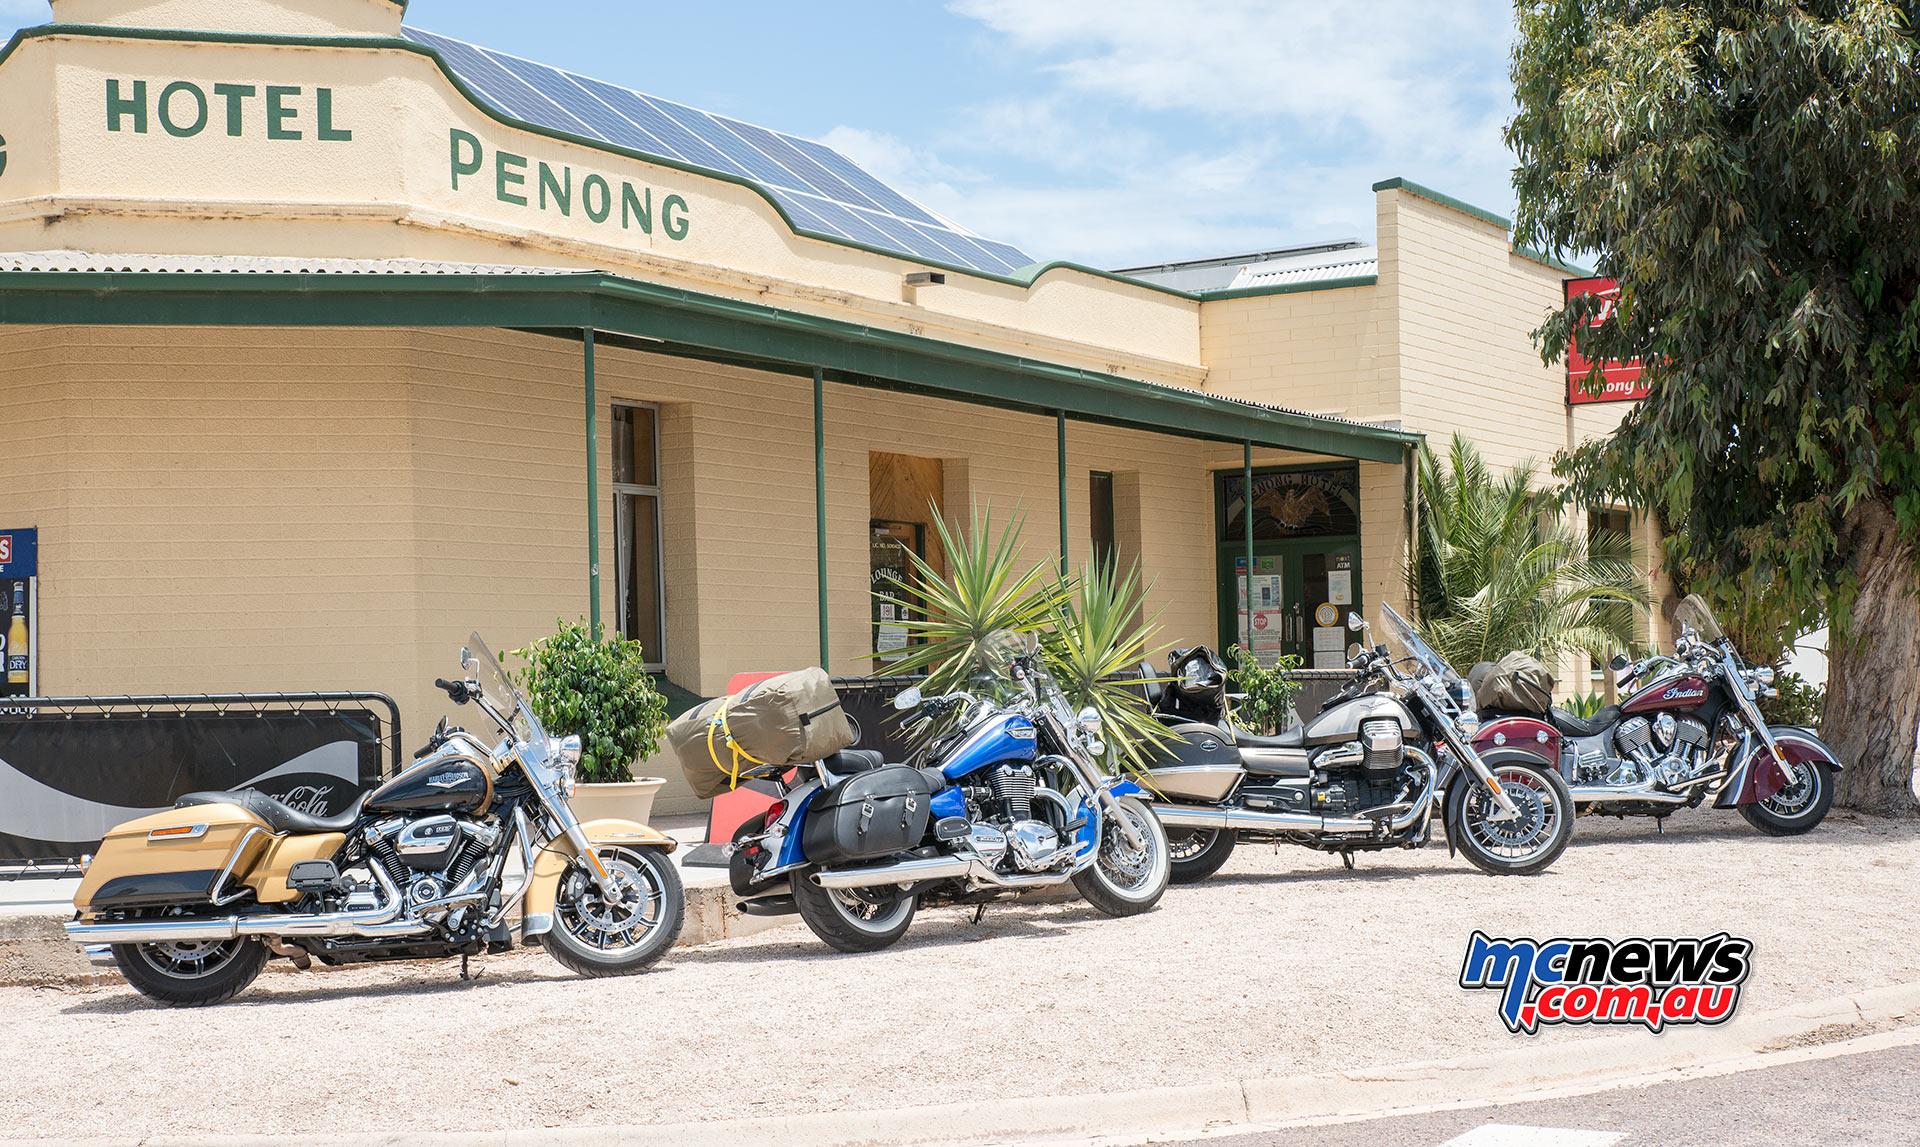 Penong Hotel